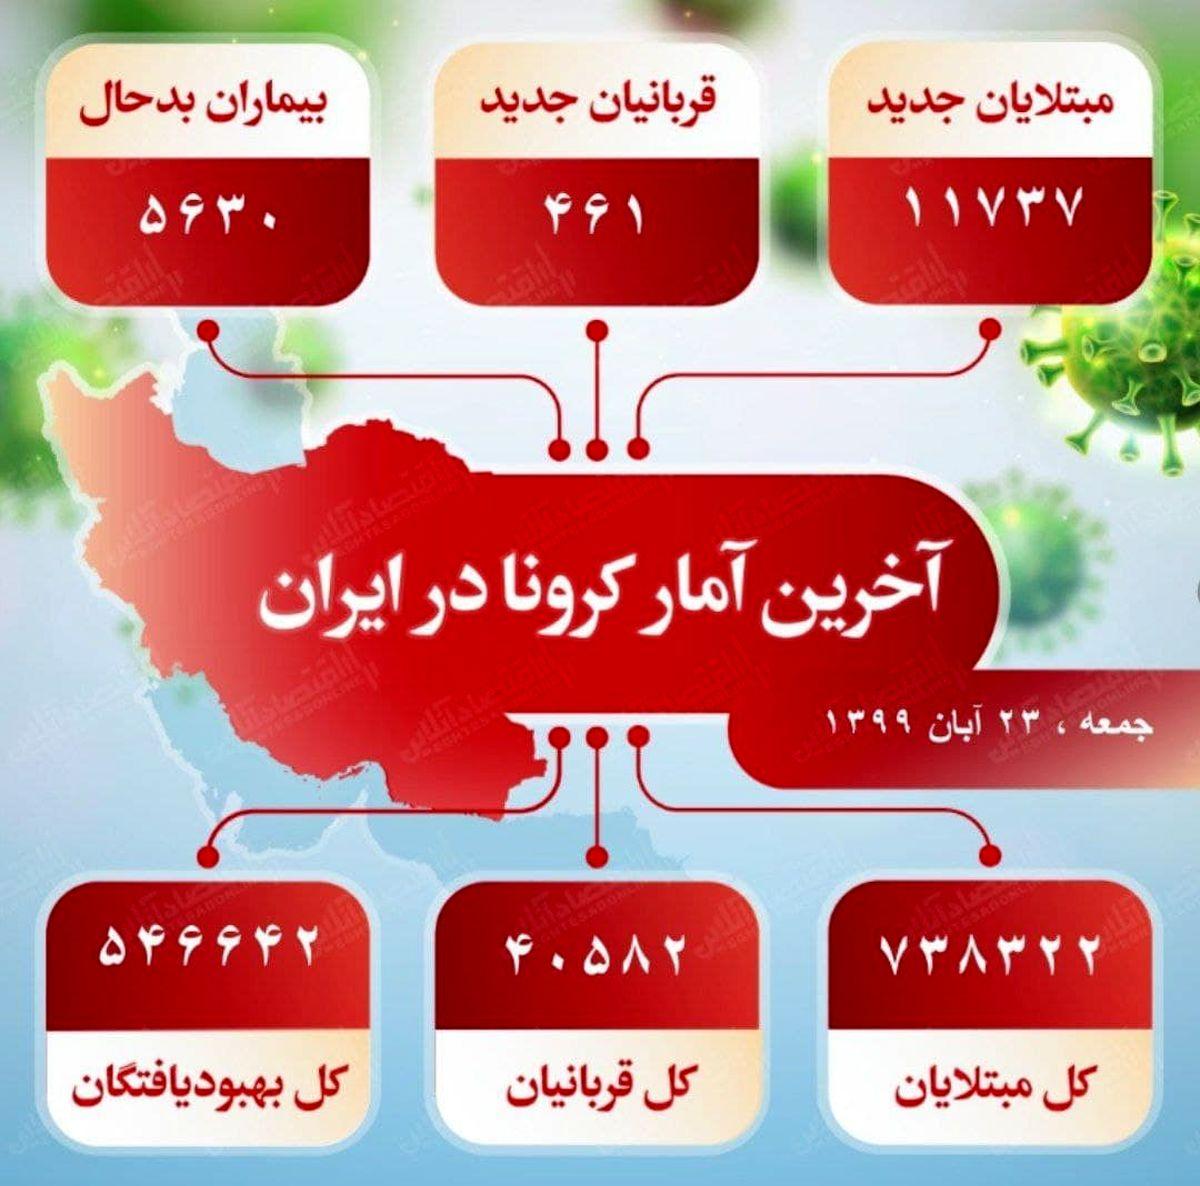 آخرین آمار کرونا در ایران (۹۹/۸/۲۳)